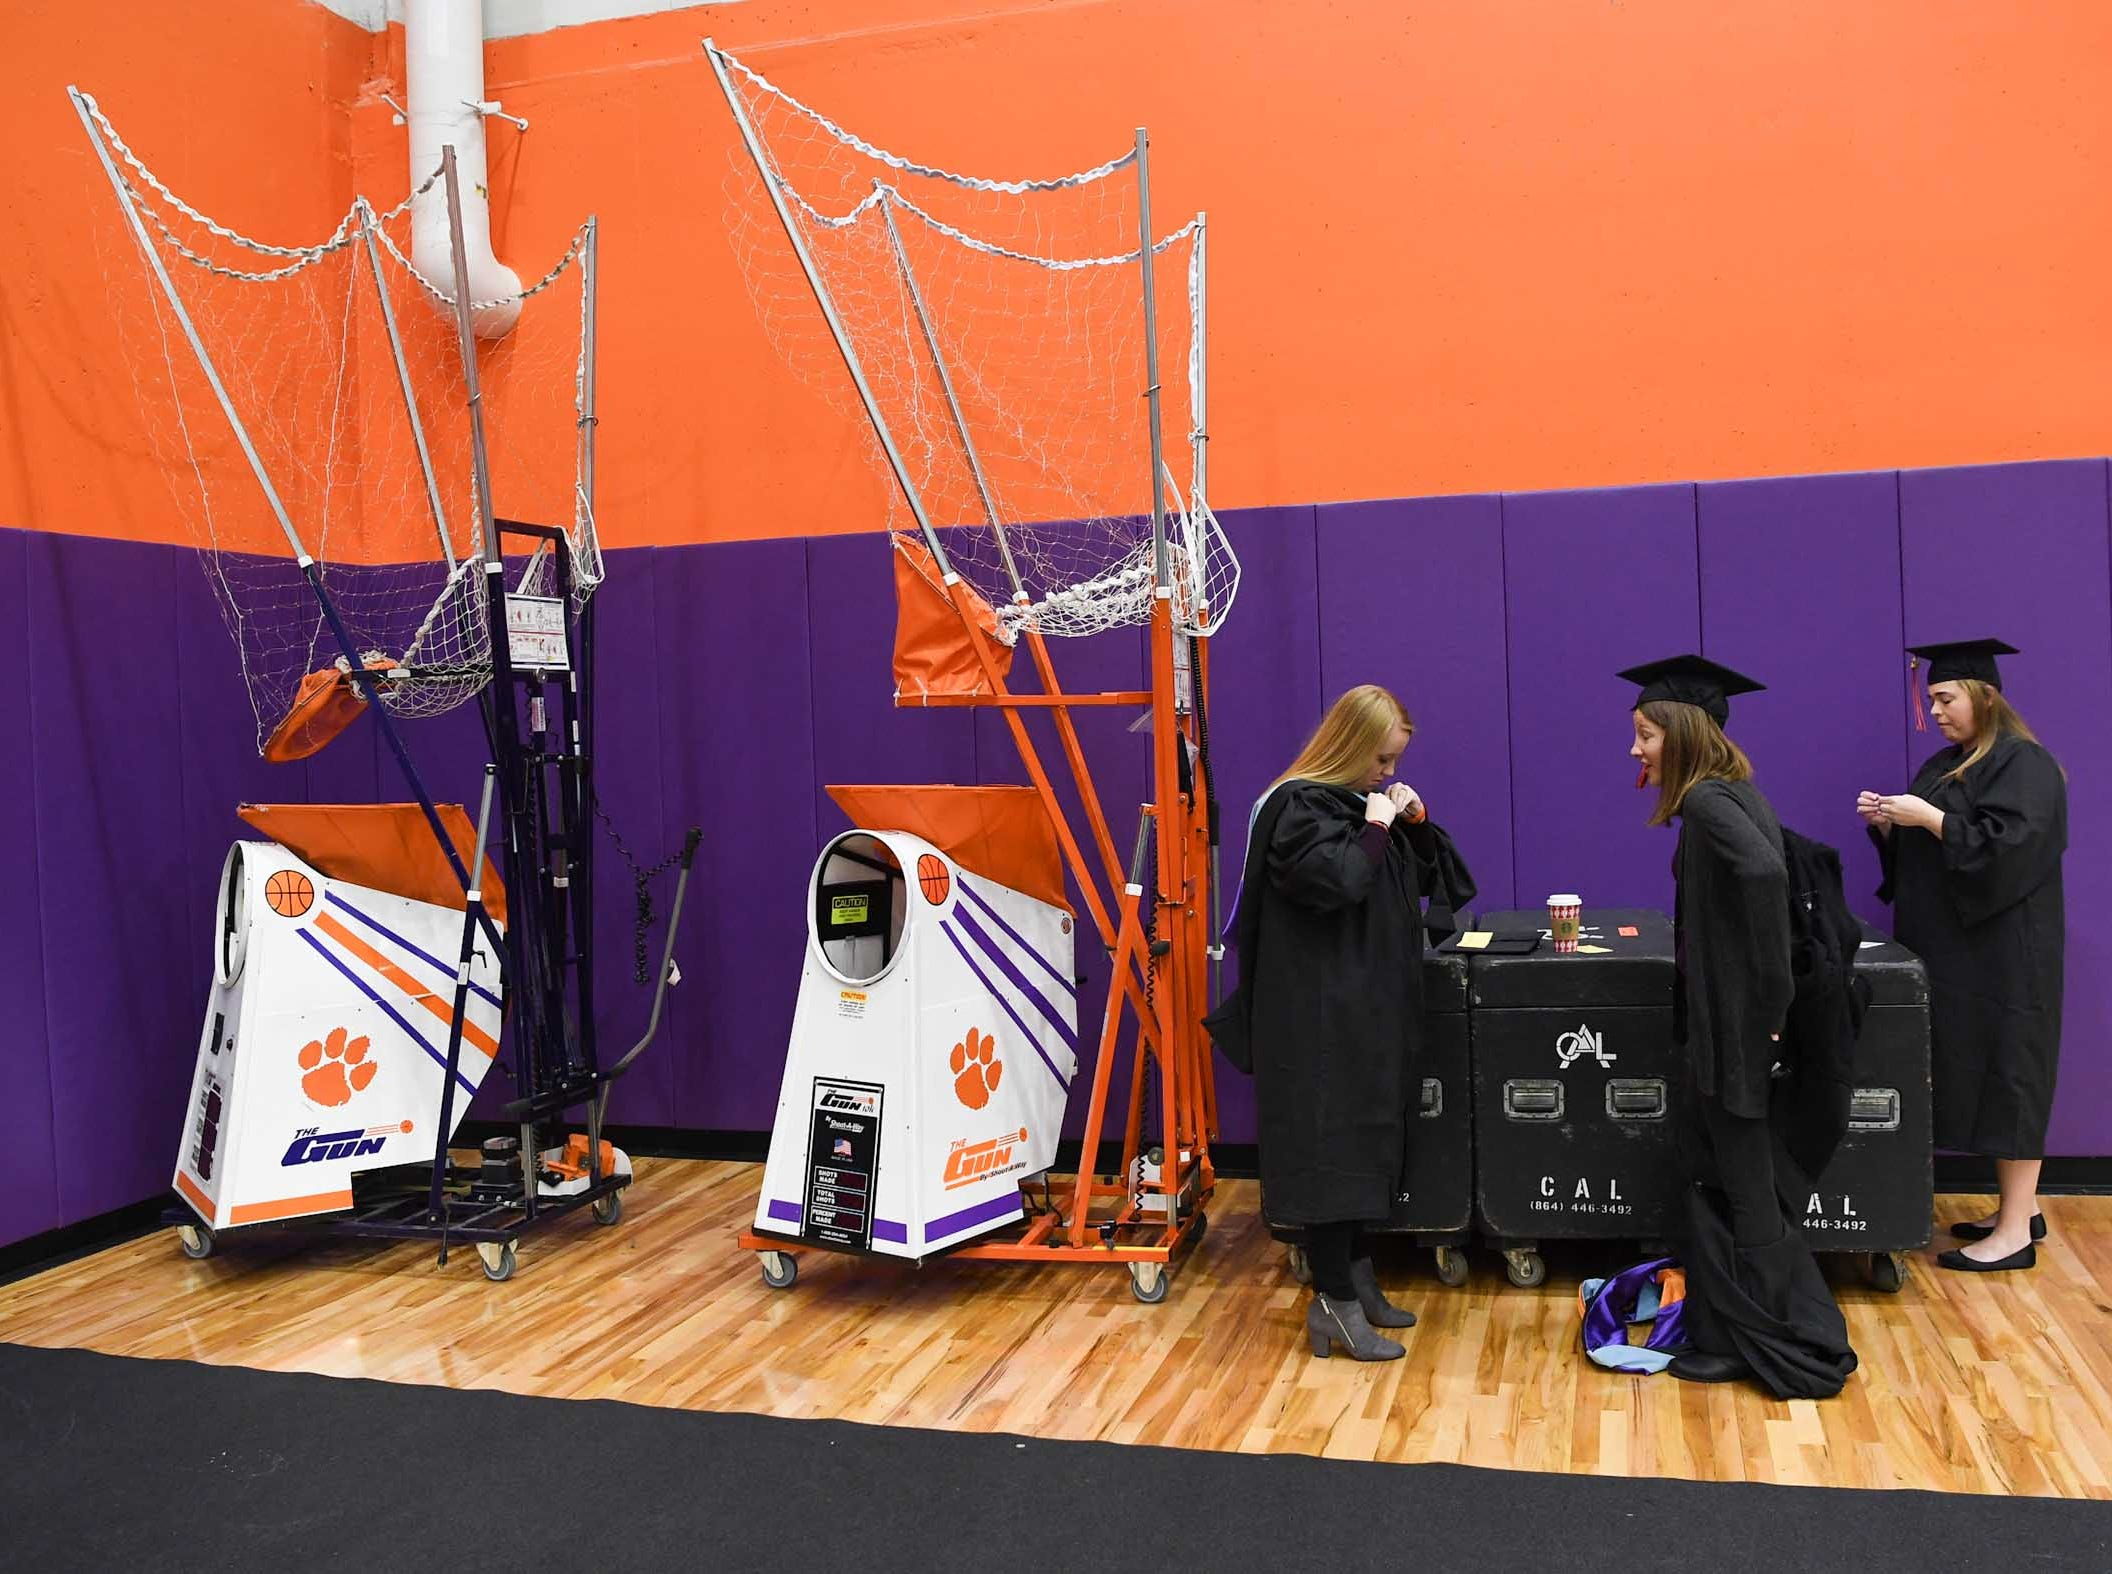 Graduates prepare for the morning Clemson University graduation ceremony Thursday morning in Littlejohn Coliseum in Clemson.